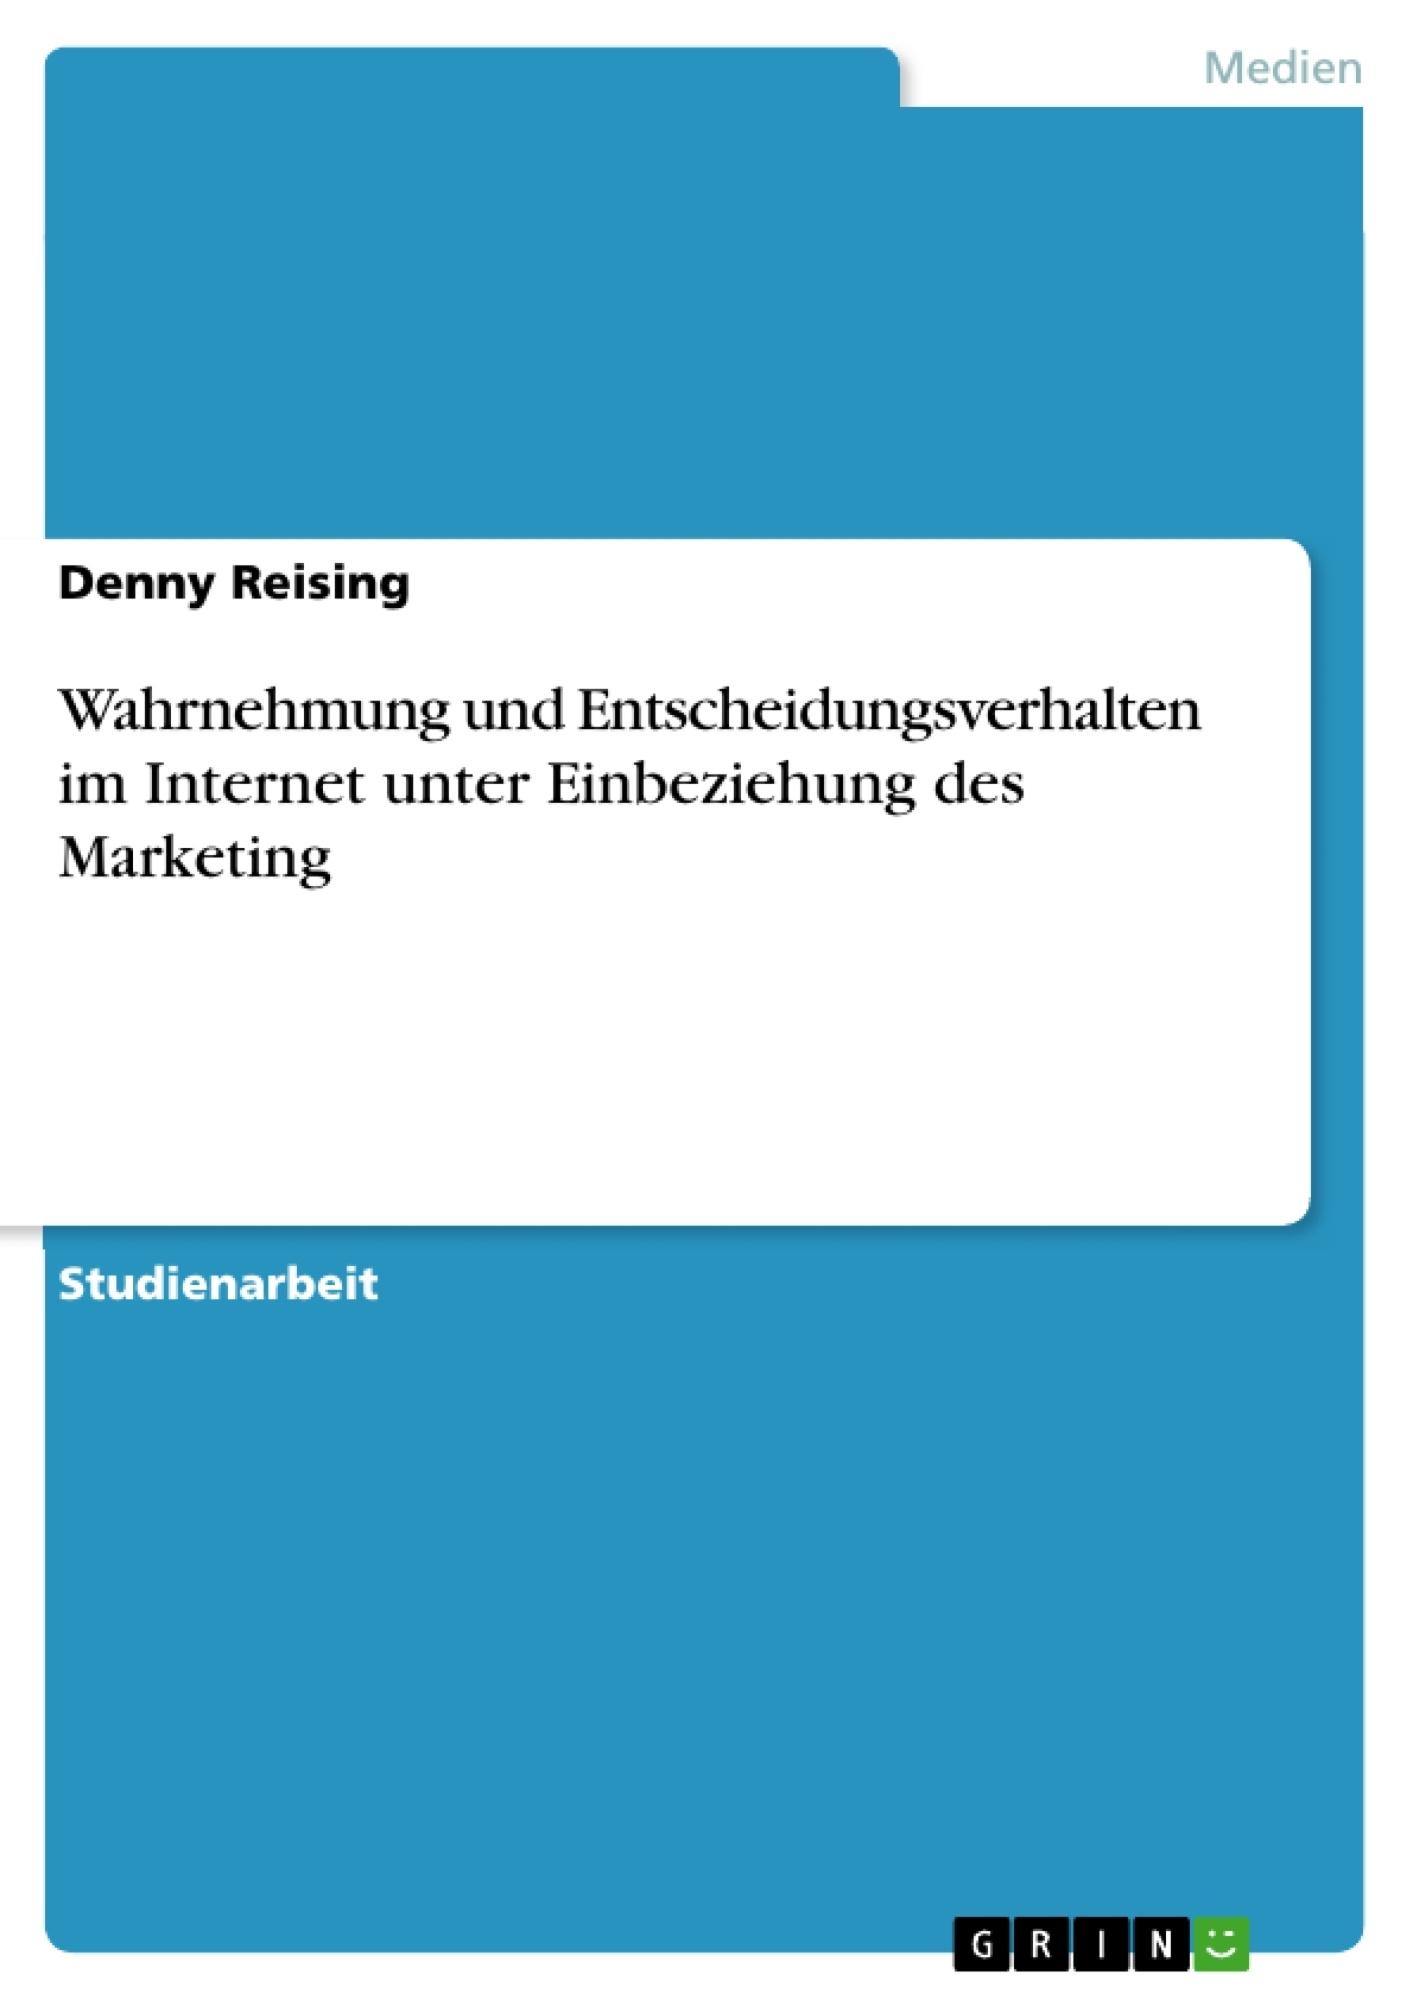 Titel: Wahrnehmung und Entscheidungsverhalten im Internet unter Einbeziehung des Marketing